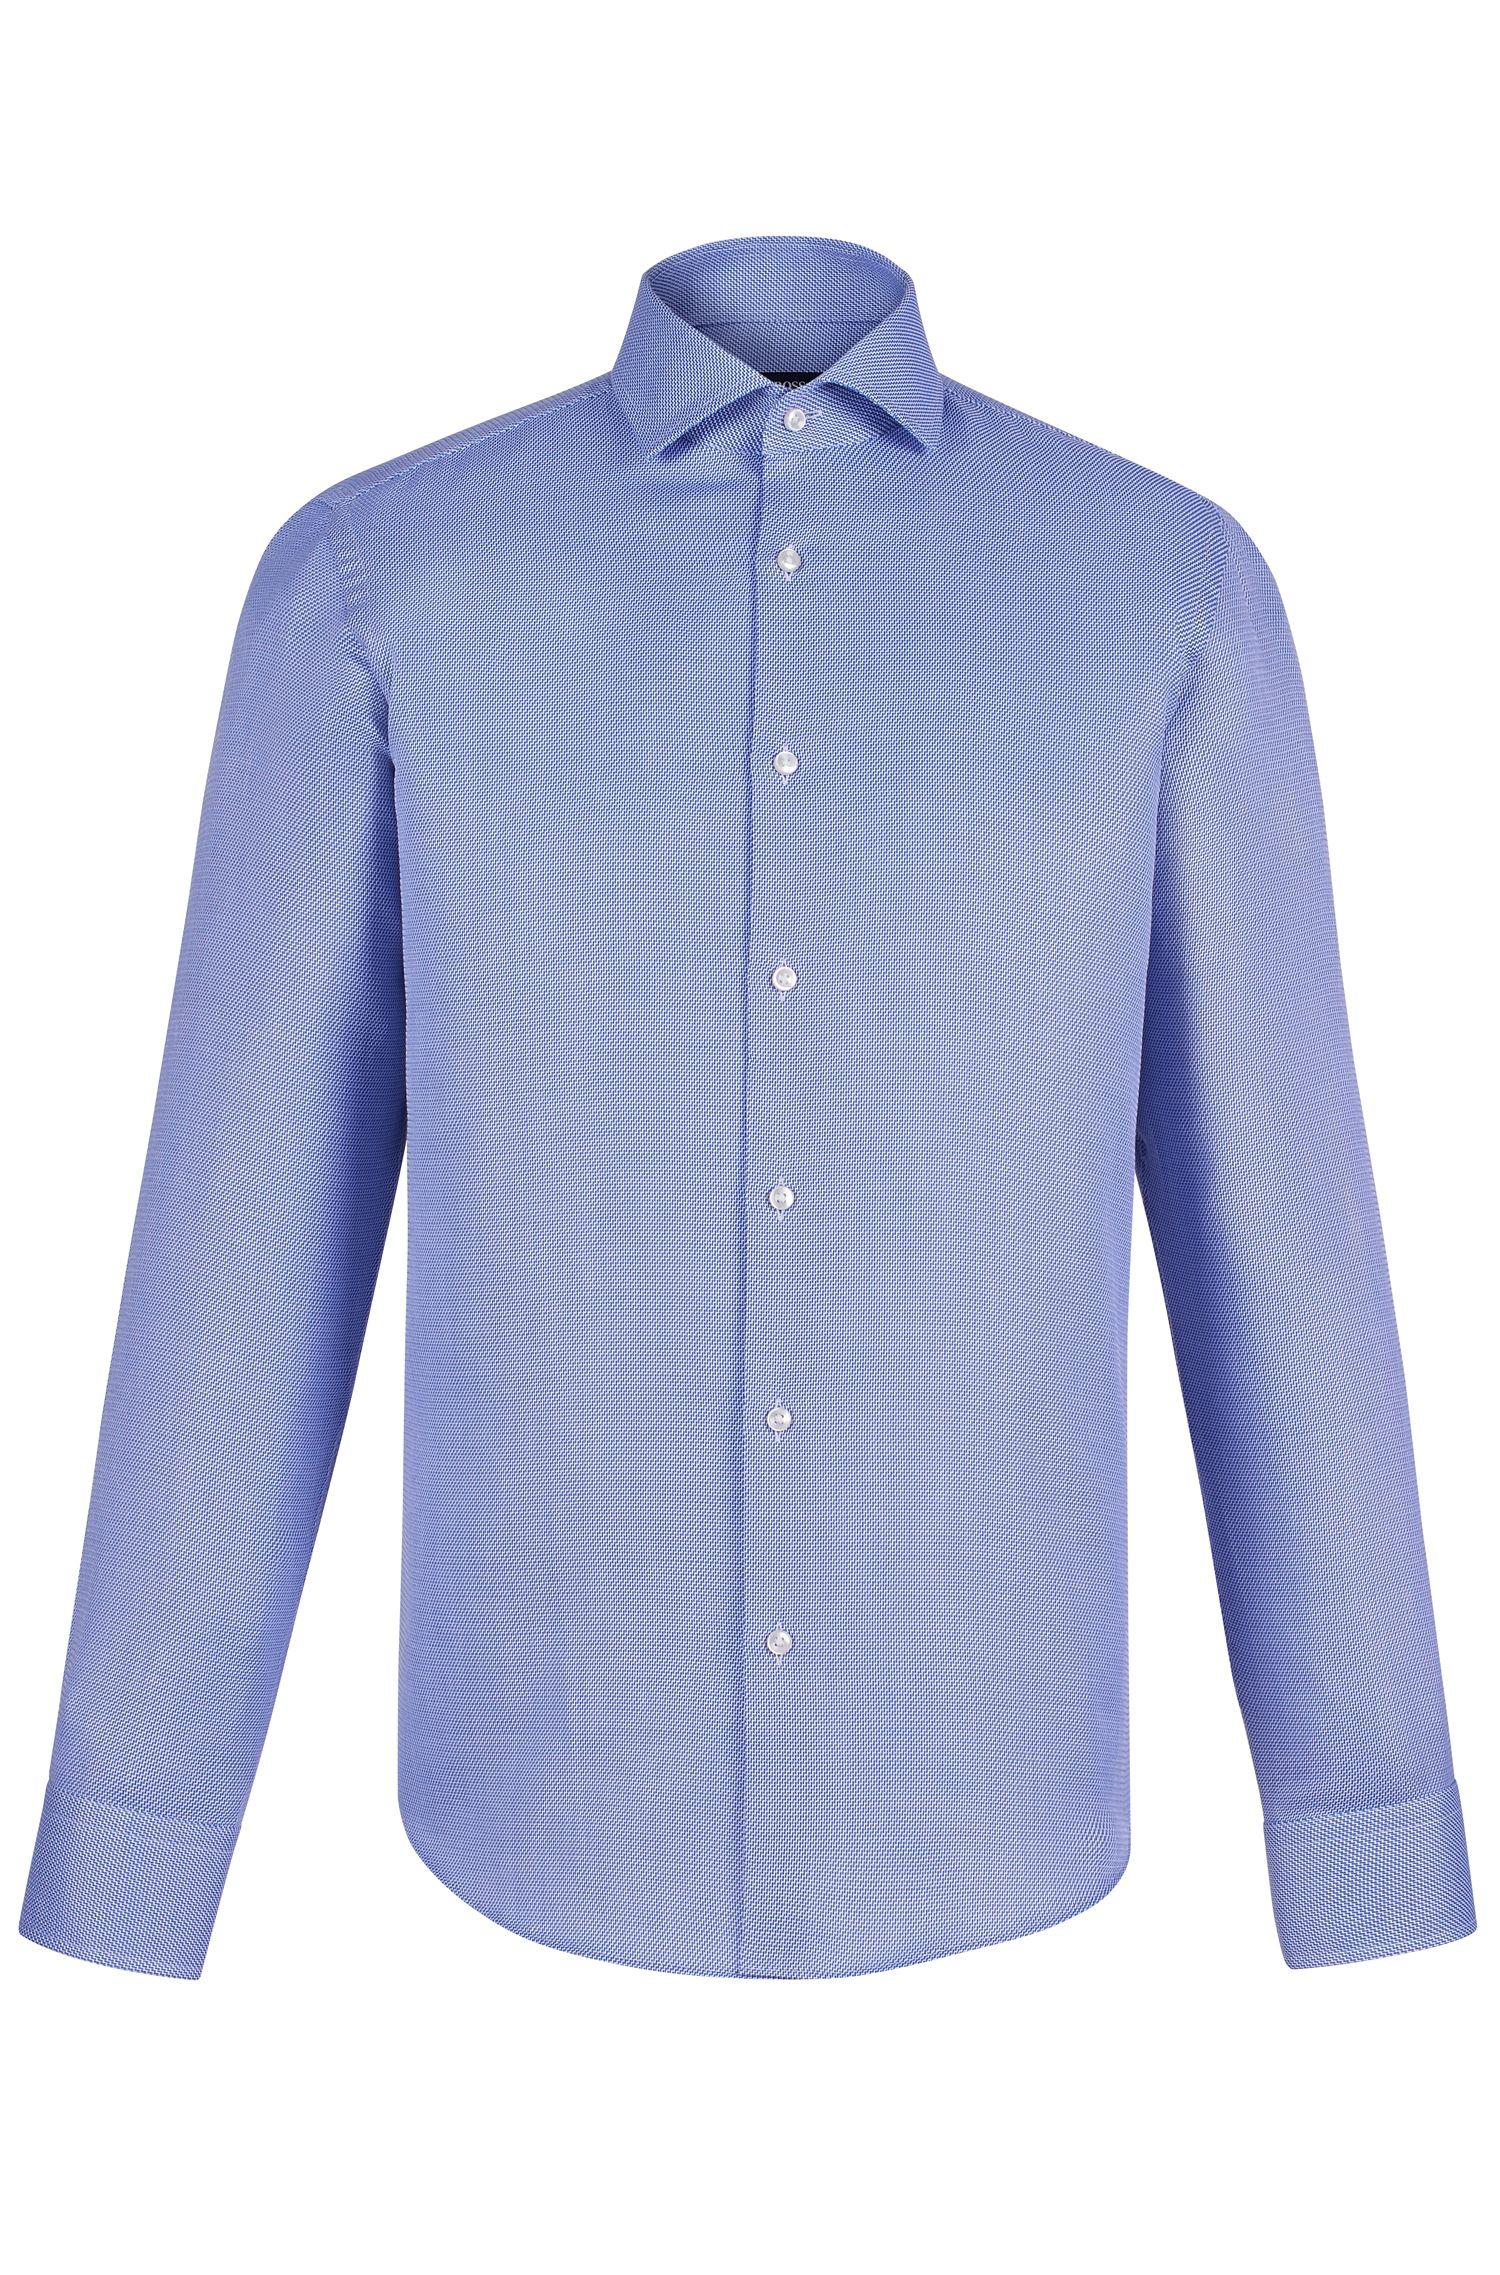 'Gordon'   Regular Fit, Cotton Dress Shirt